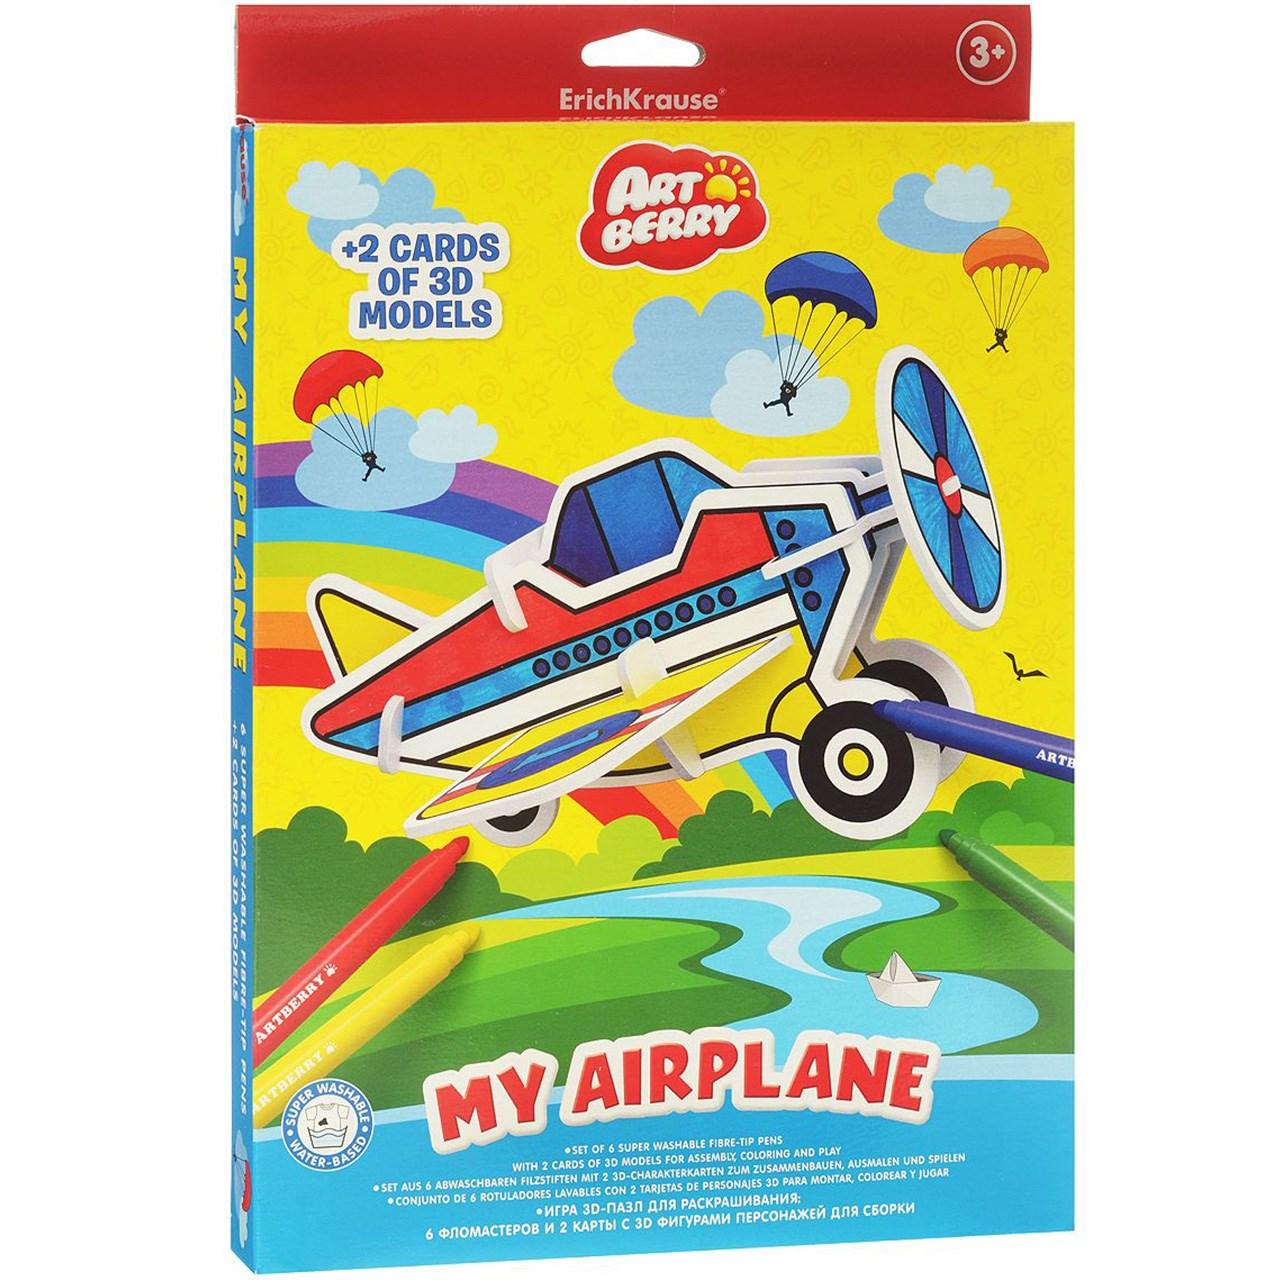 بسته مدل سازی اریک کراوزه مدل My Airplane